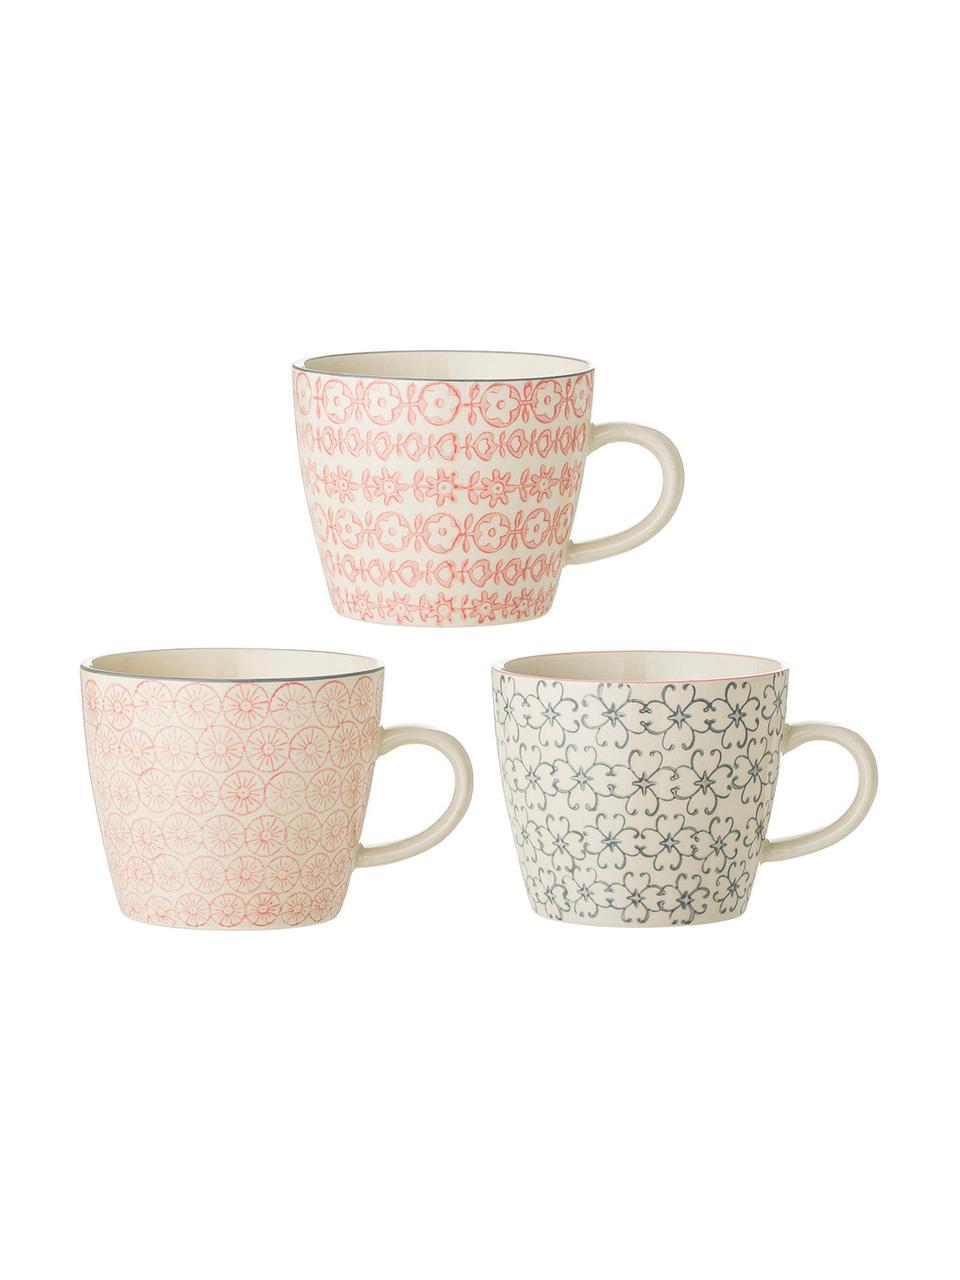 Tassen Cécile mit kleinem Muster, 3er-Set, Steingut, Mehrfarbig, Ø 10 x H 8 cm